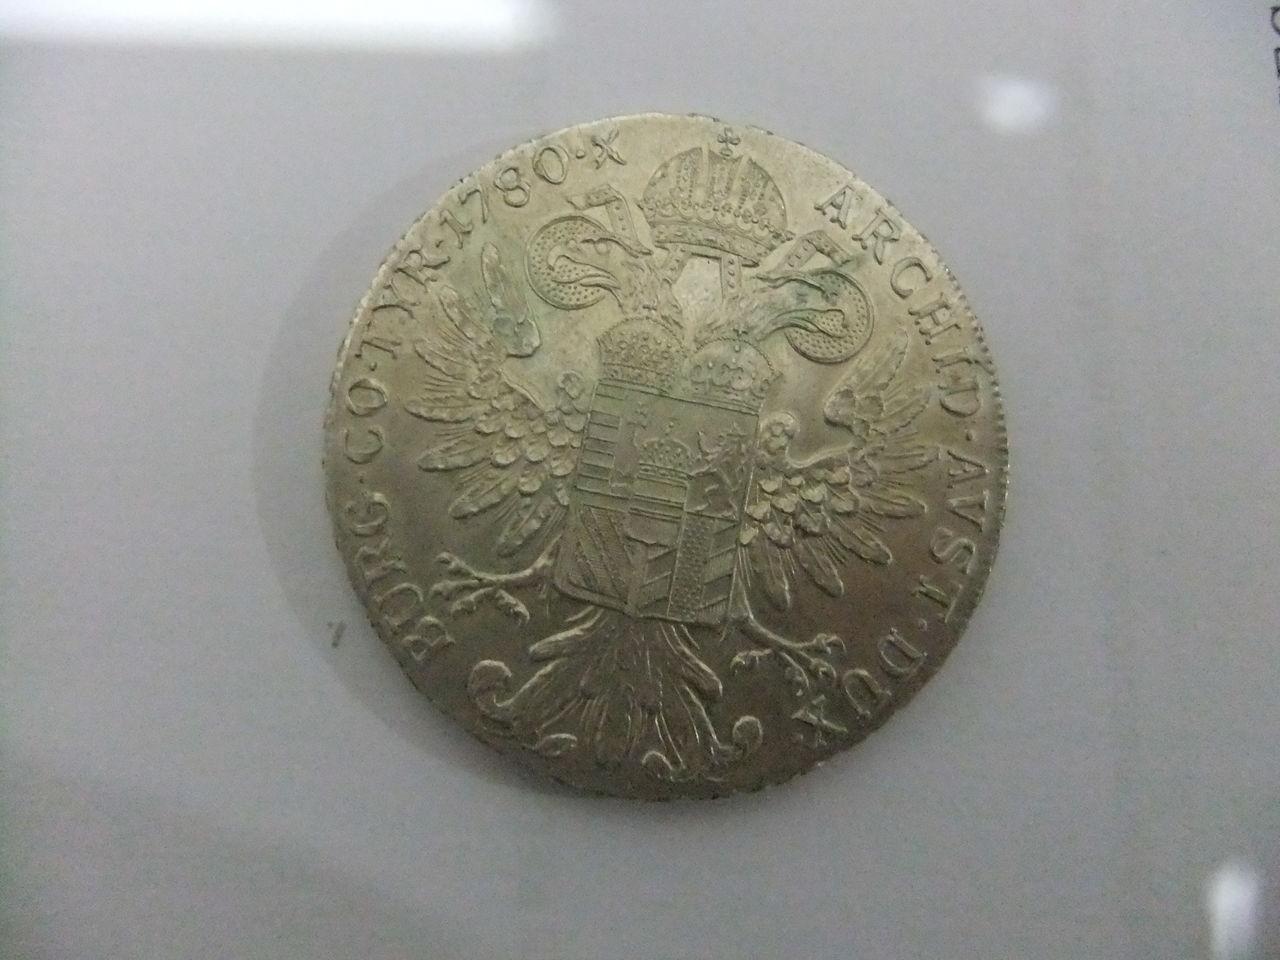 1 Thaler de Maria Teresa. Austria. 1780. Reacuñación. DSCF1668